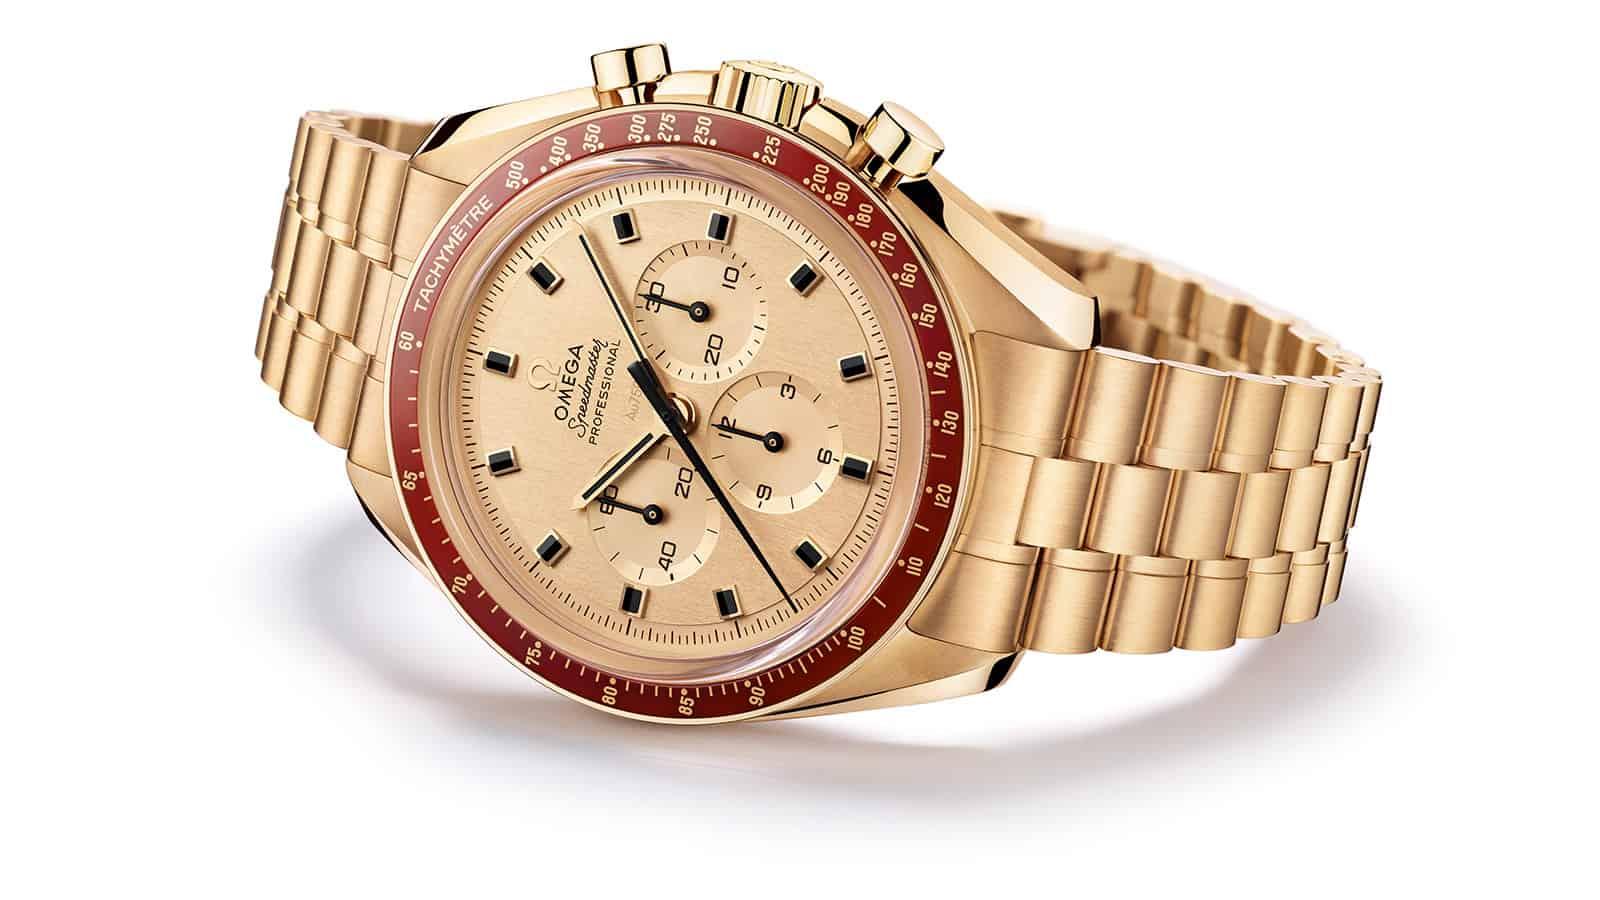 Súper exclusiva edición limitada en oro Moonshine del reloj Omega Speedmaster Apollo 11